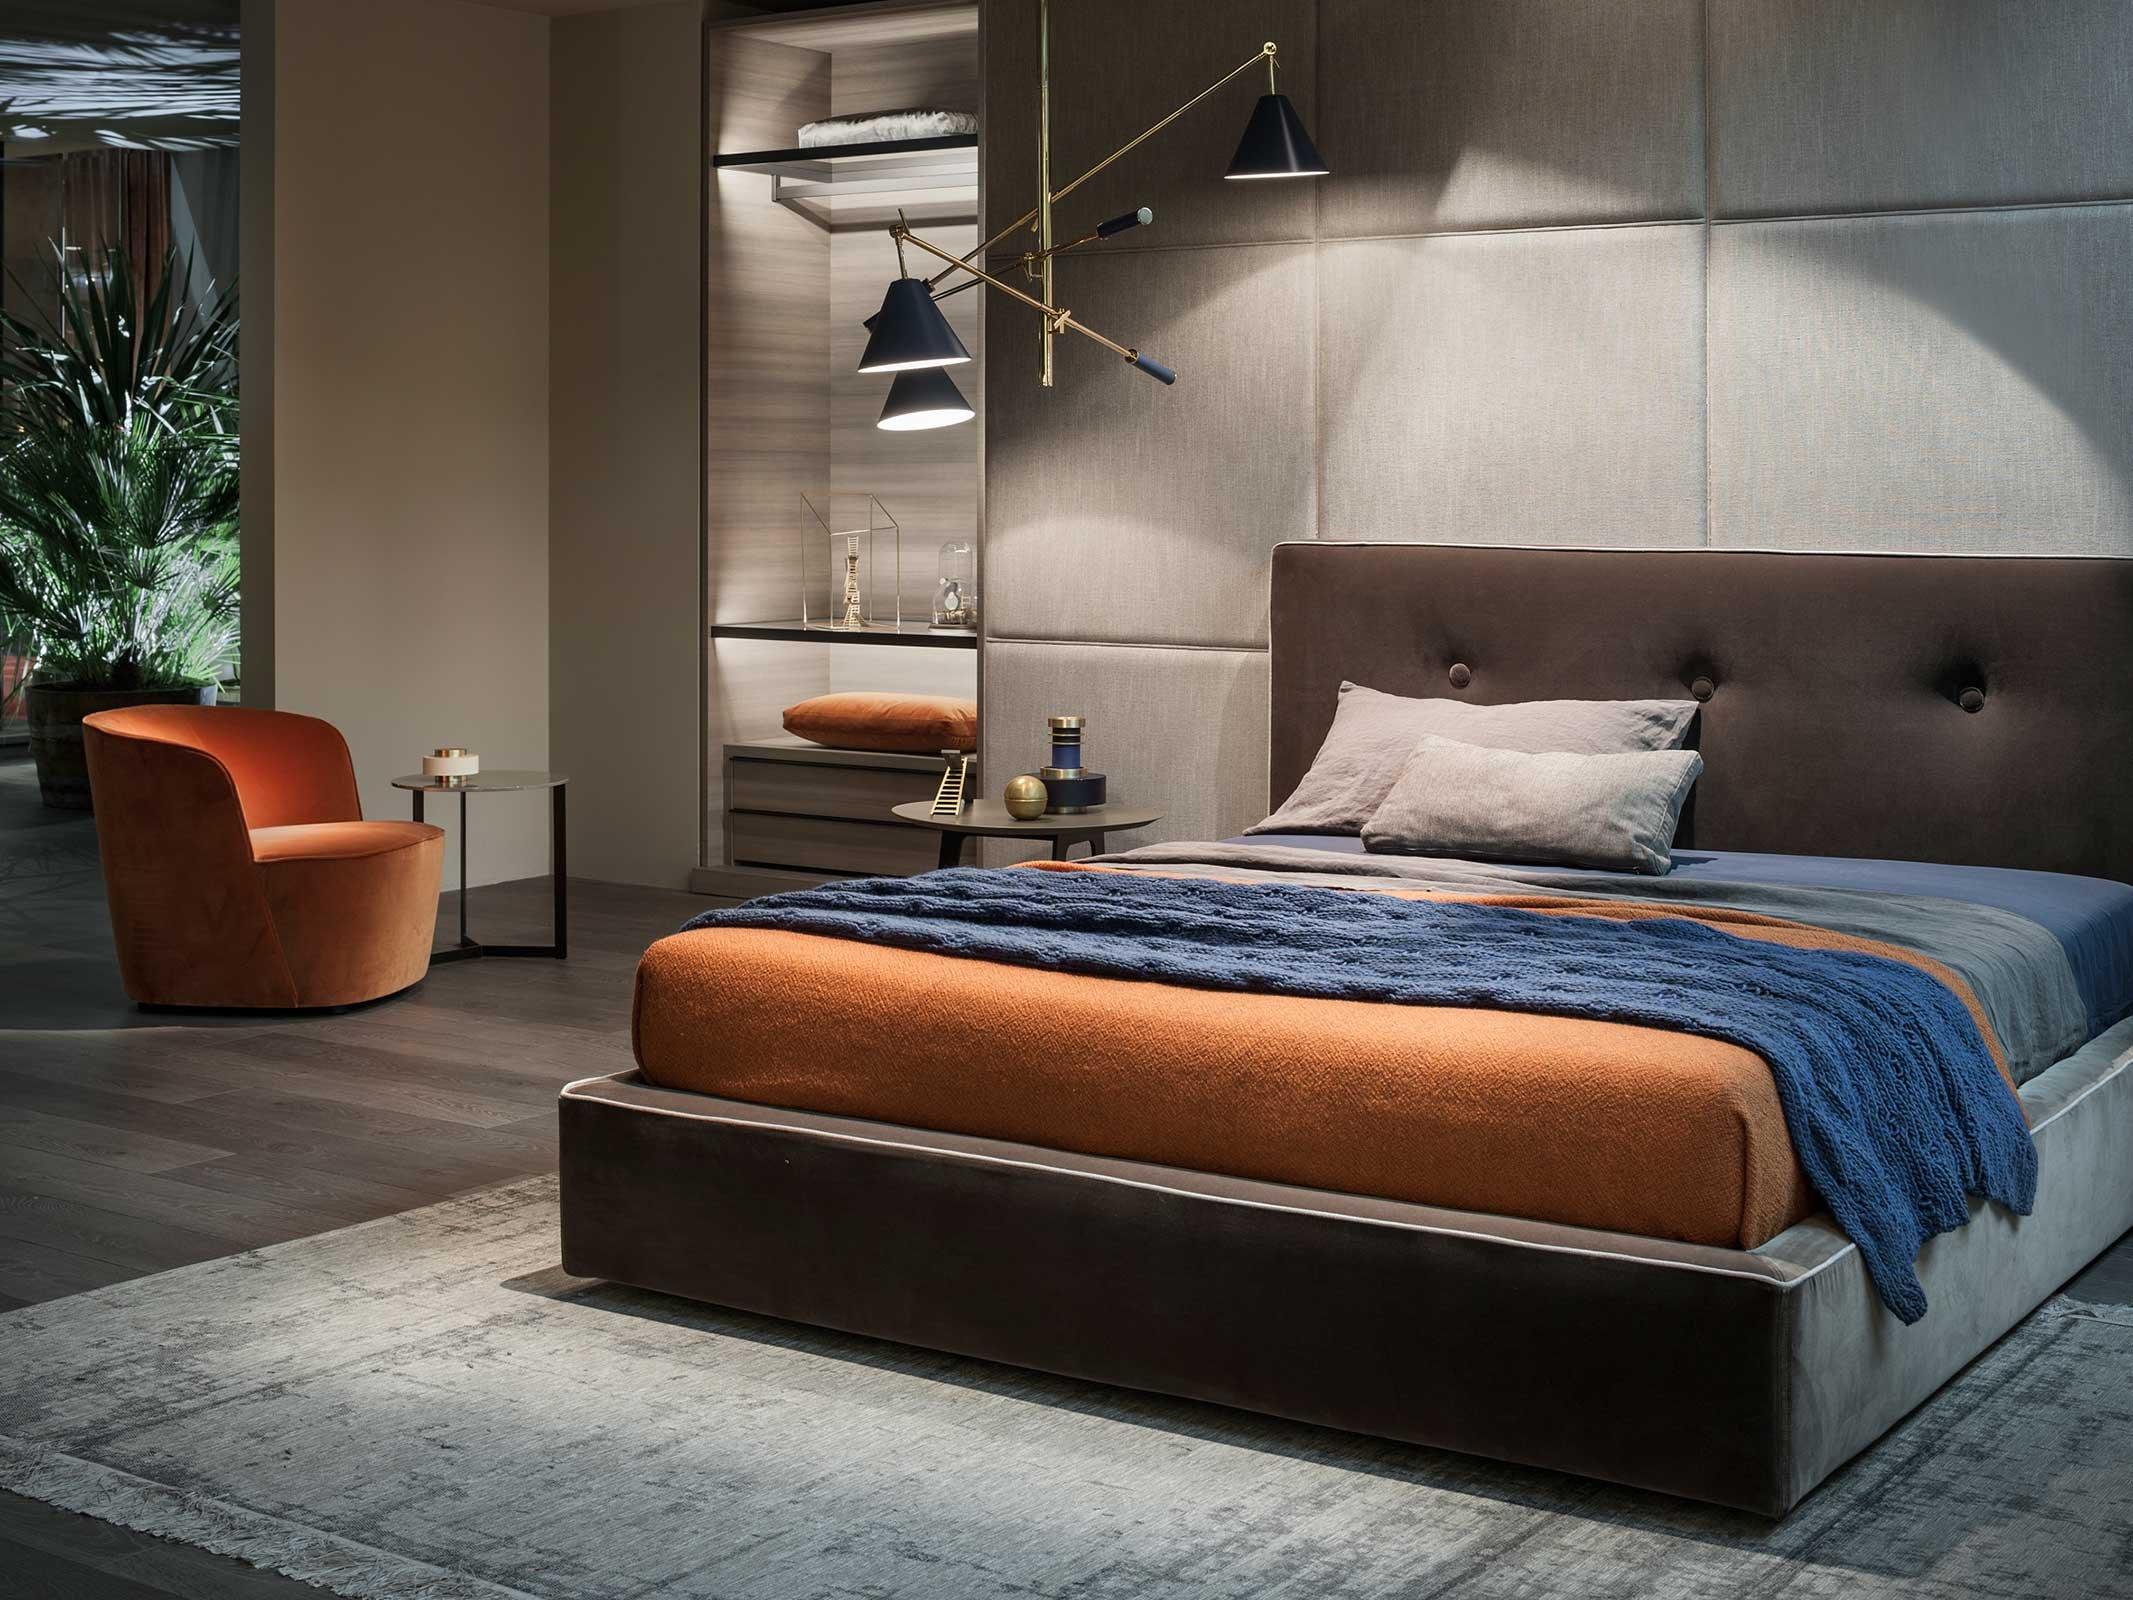 Comodino Per Camera Da Letto : Comodino anticato finitura foglia oro per camera da letto